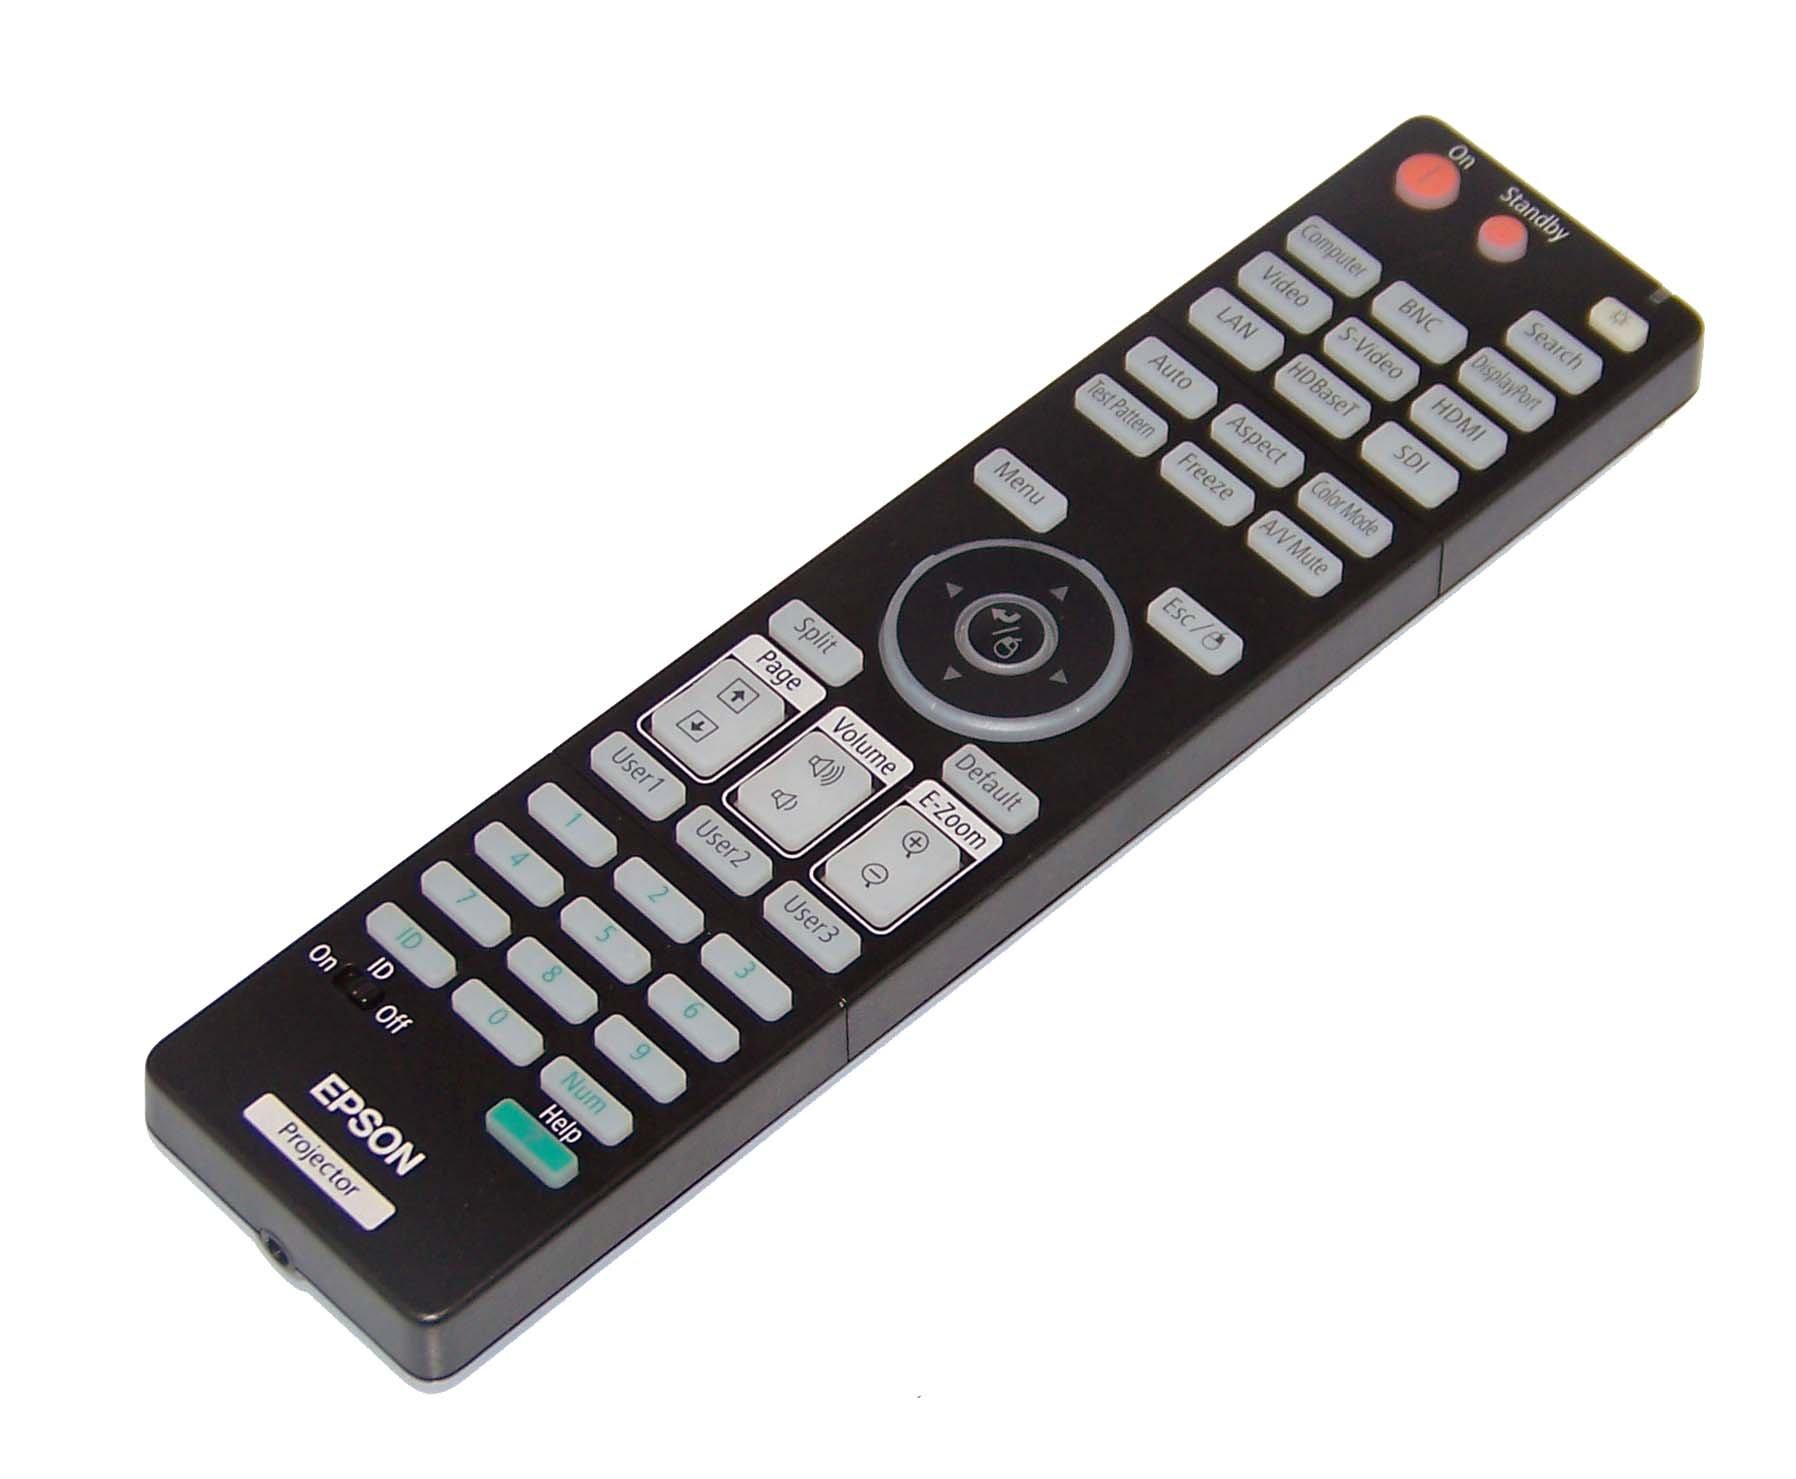 Epson OEM Projector Remote Control EB-4550, EB-4650, EB-4750W, EB-4850W, EB-4950WU, EB-4770W by Epson